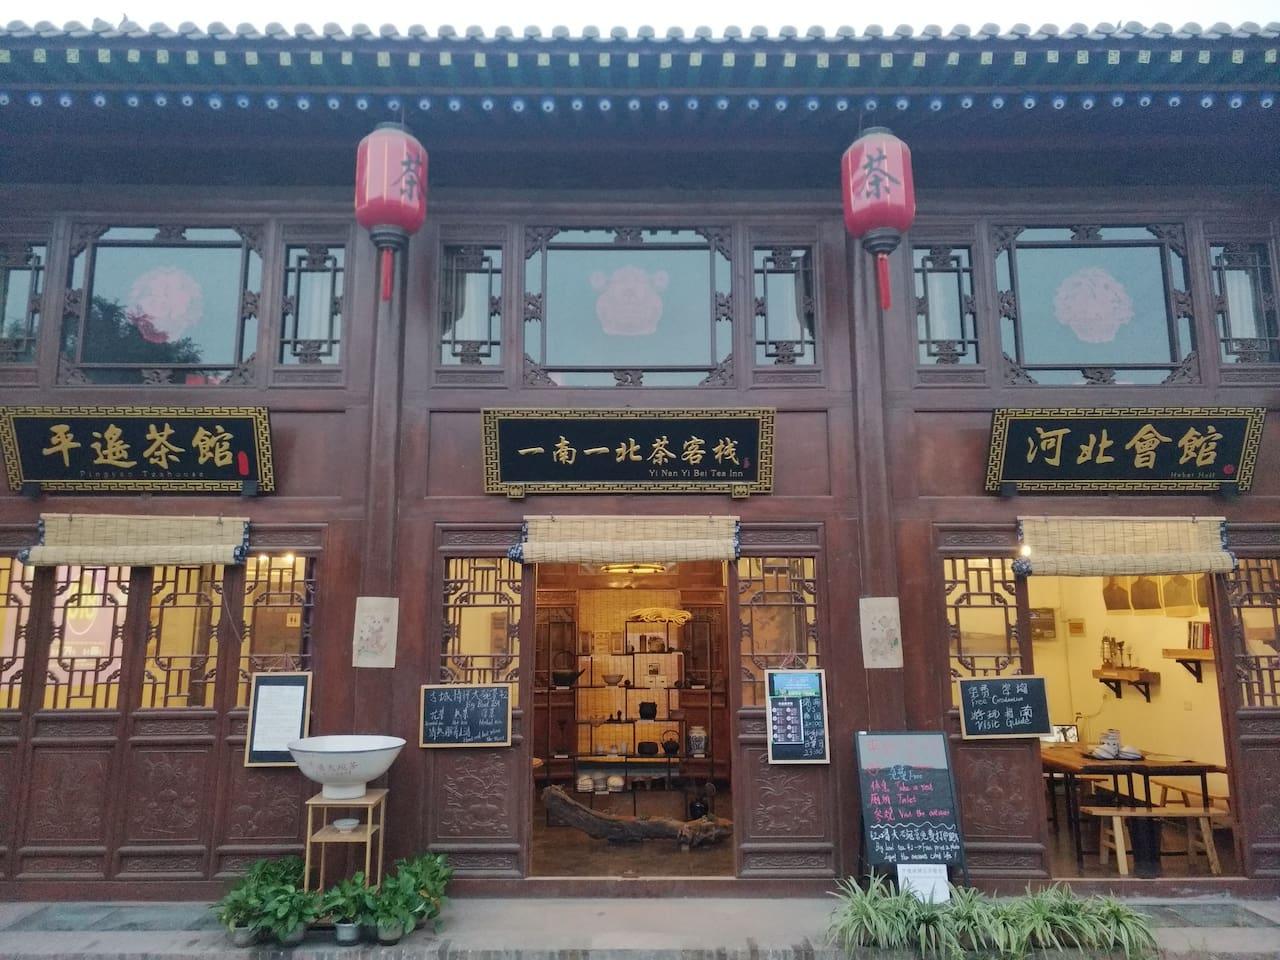 一南一北茶客栈·河北会馆·平遥茶馆Yi Nan Yi Bei Tea Inn/Hebei Guild Hall/Pingyao Teahouse